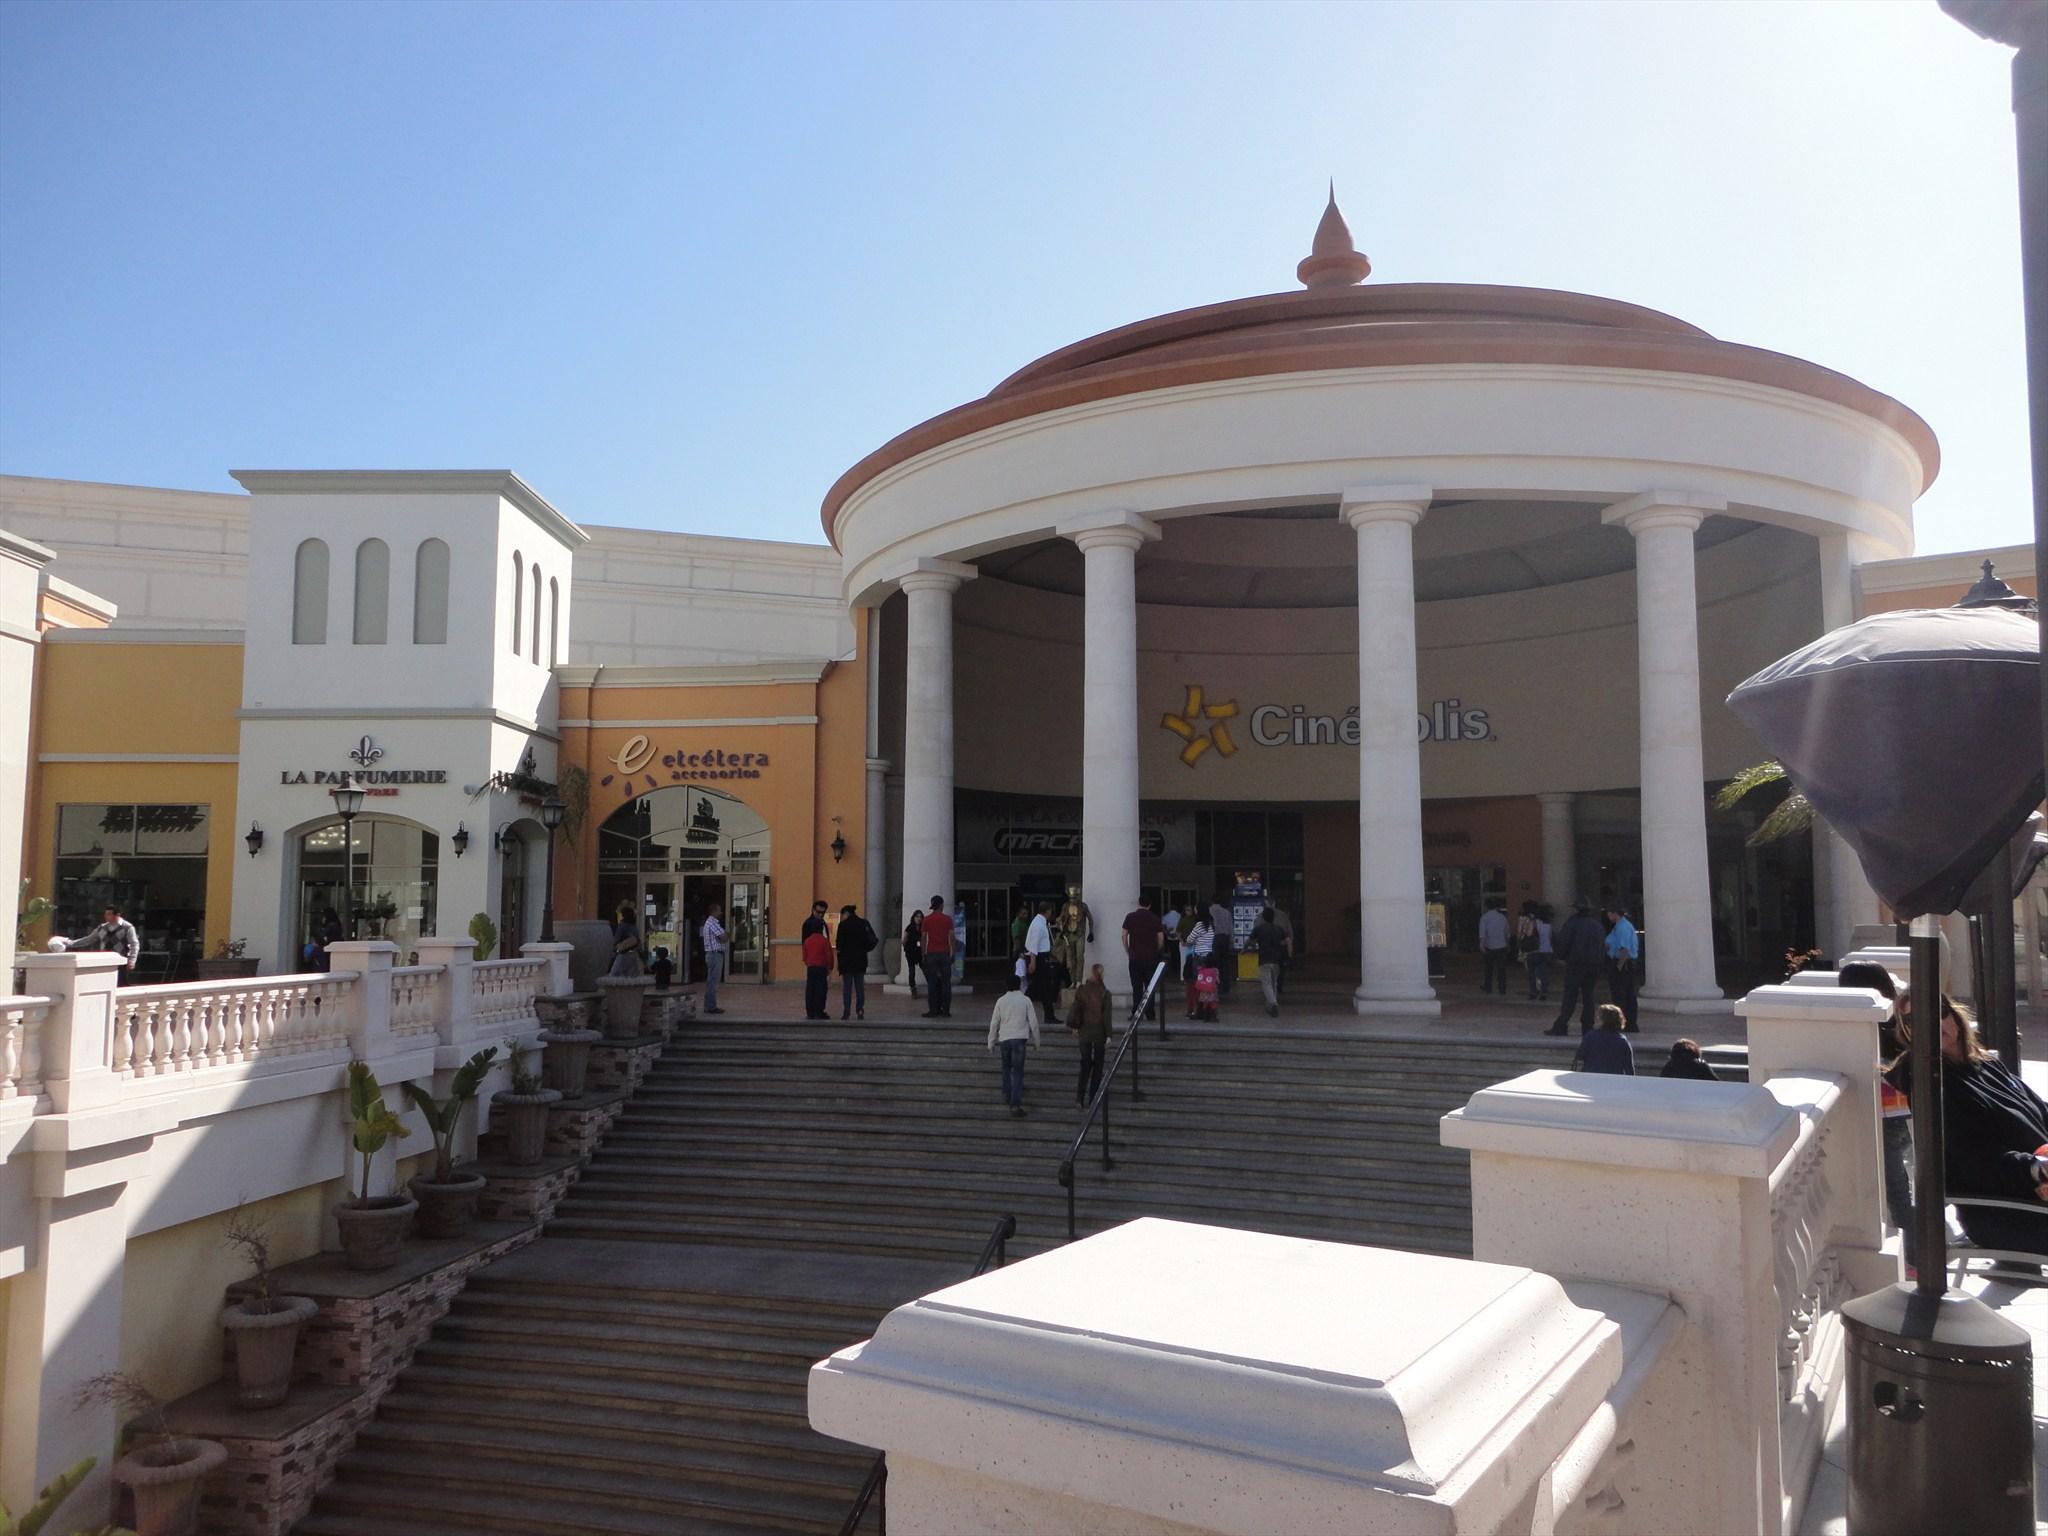 Galerias Hipodromo Cinepolis VIP - Tijuana, Mexico Image